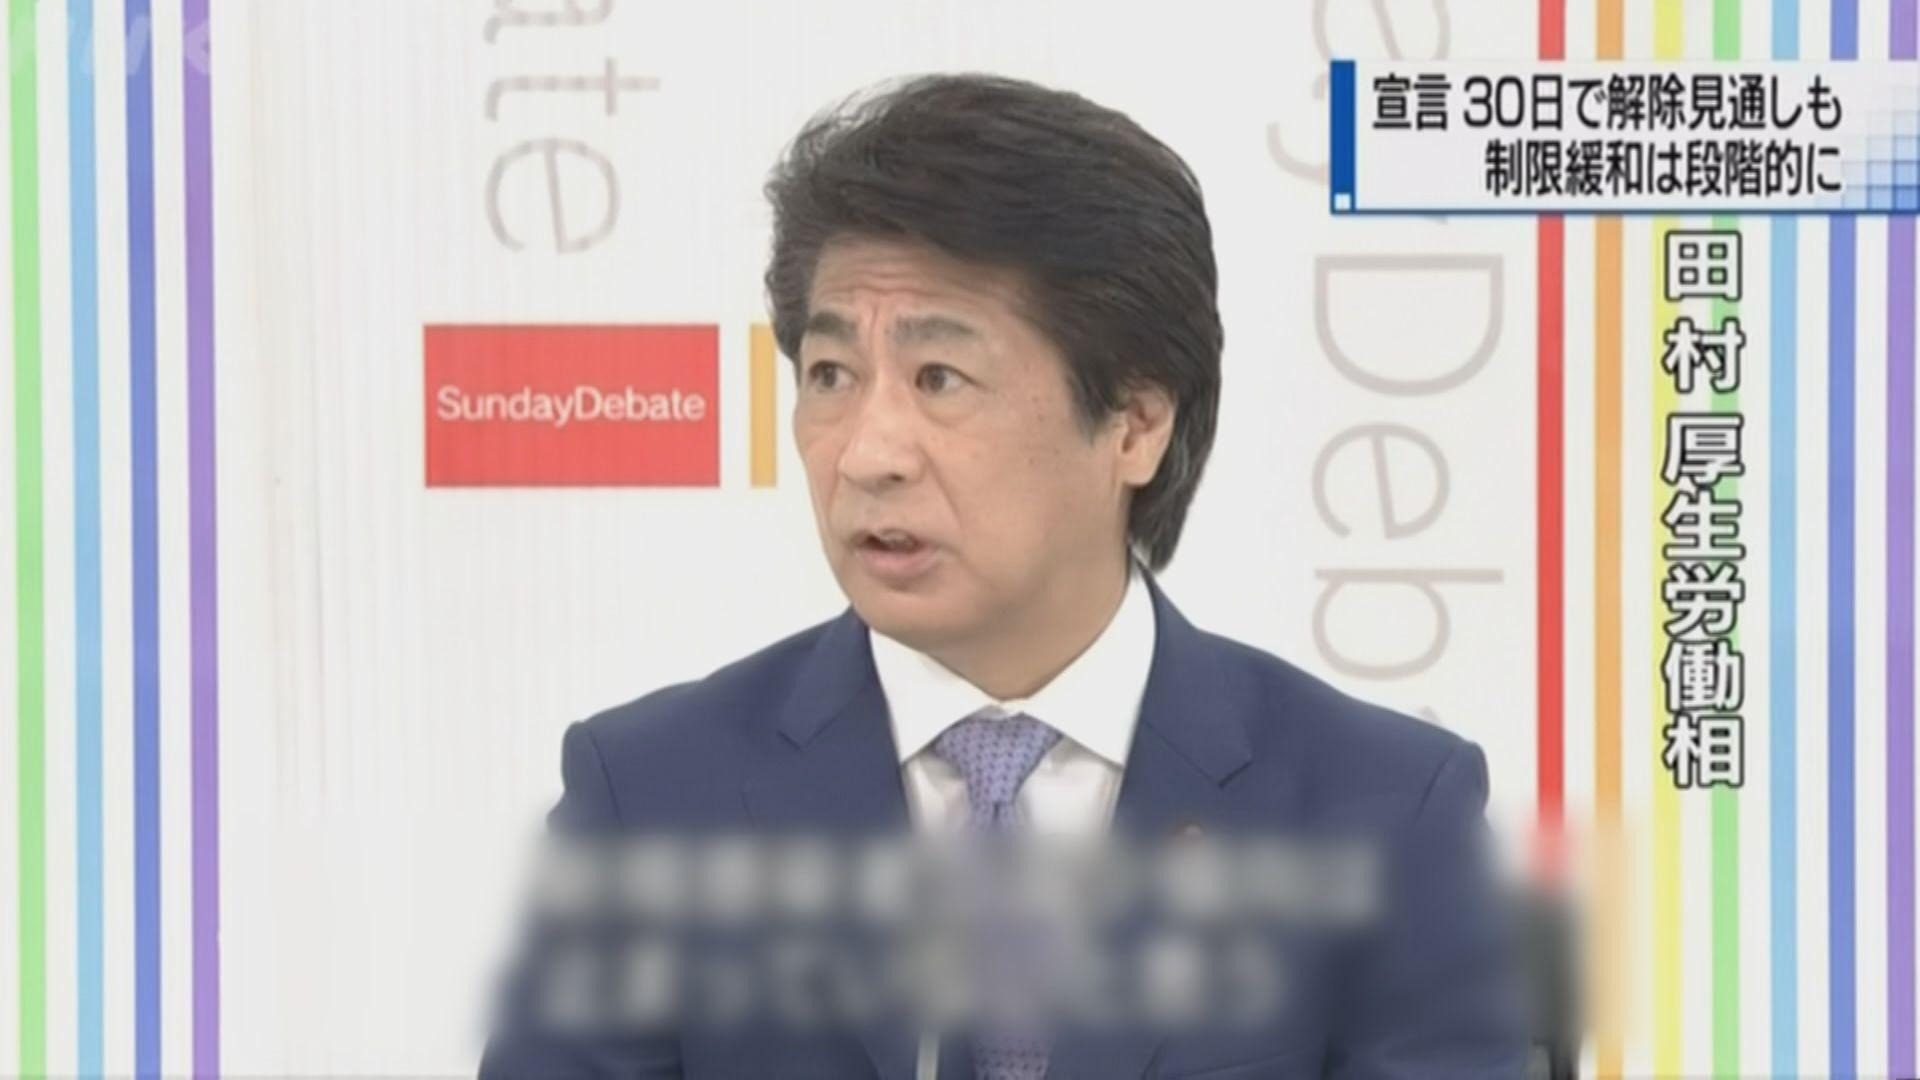 日本政府預計九月底解除緊急事態宣言